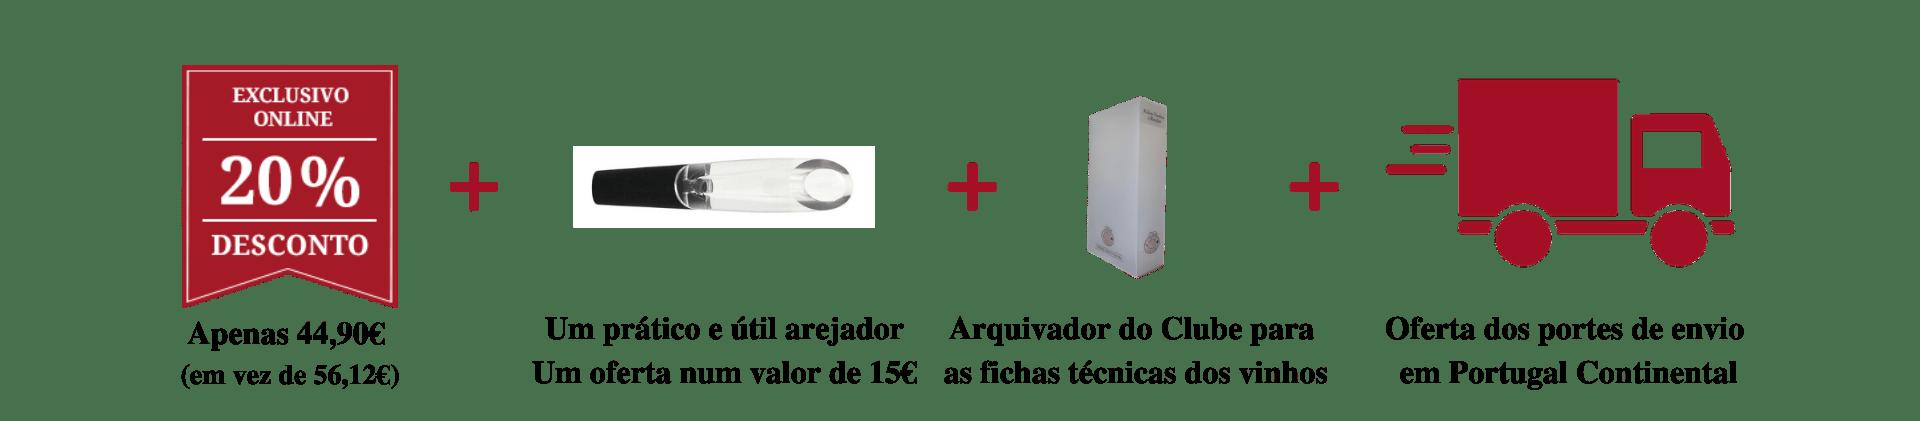 CVS_4 OFERTAS DE ADESÃO_2